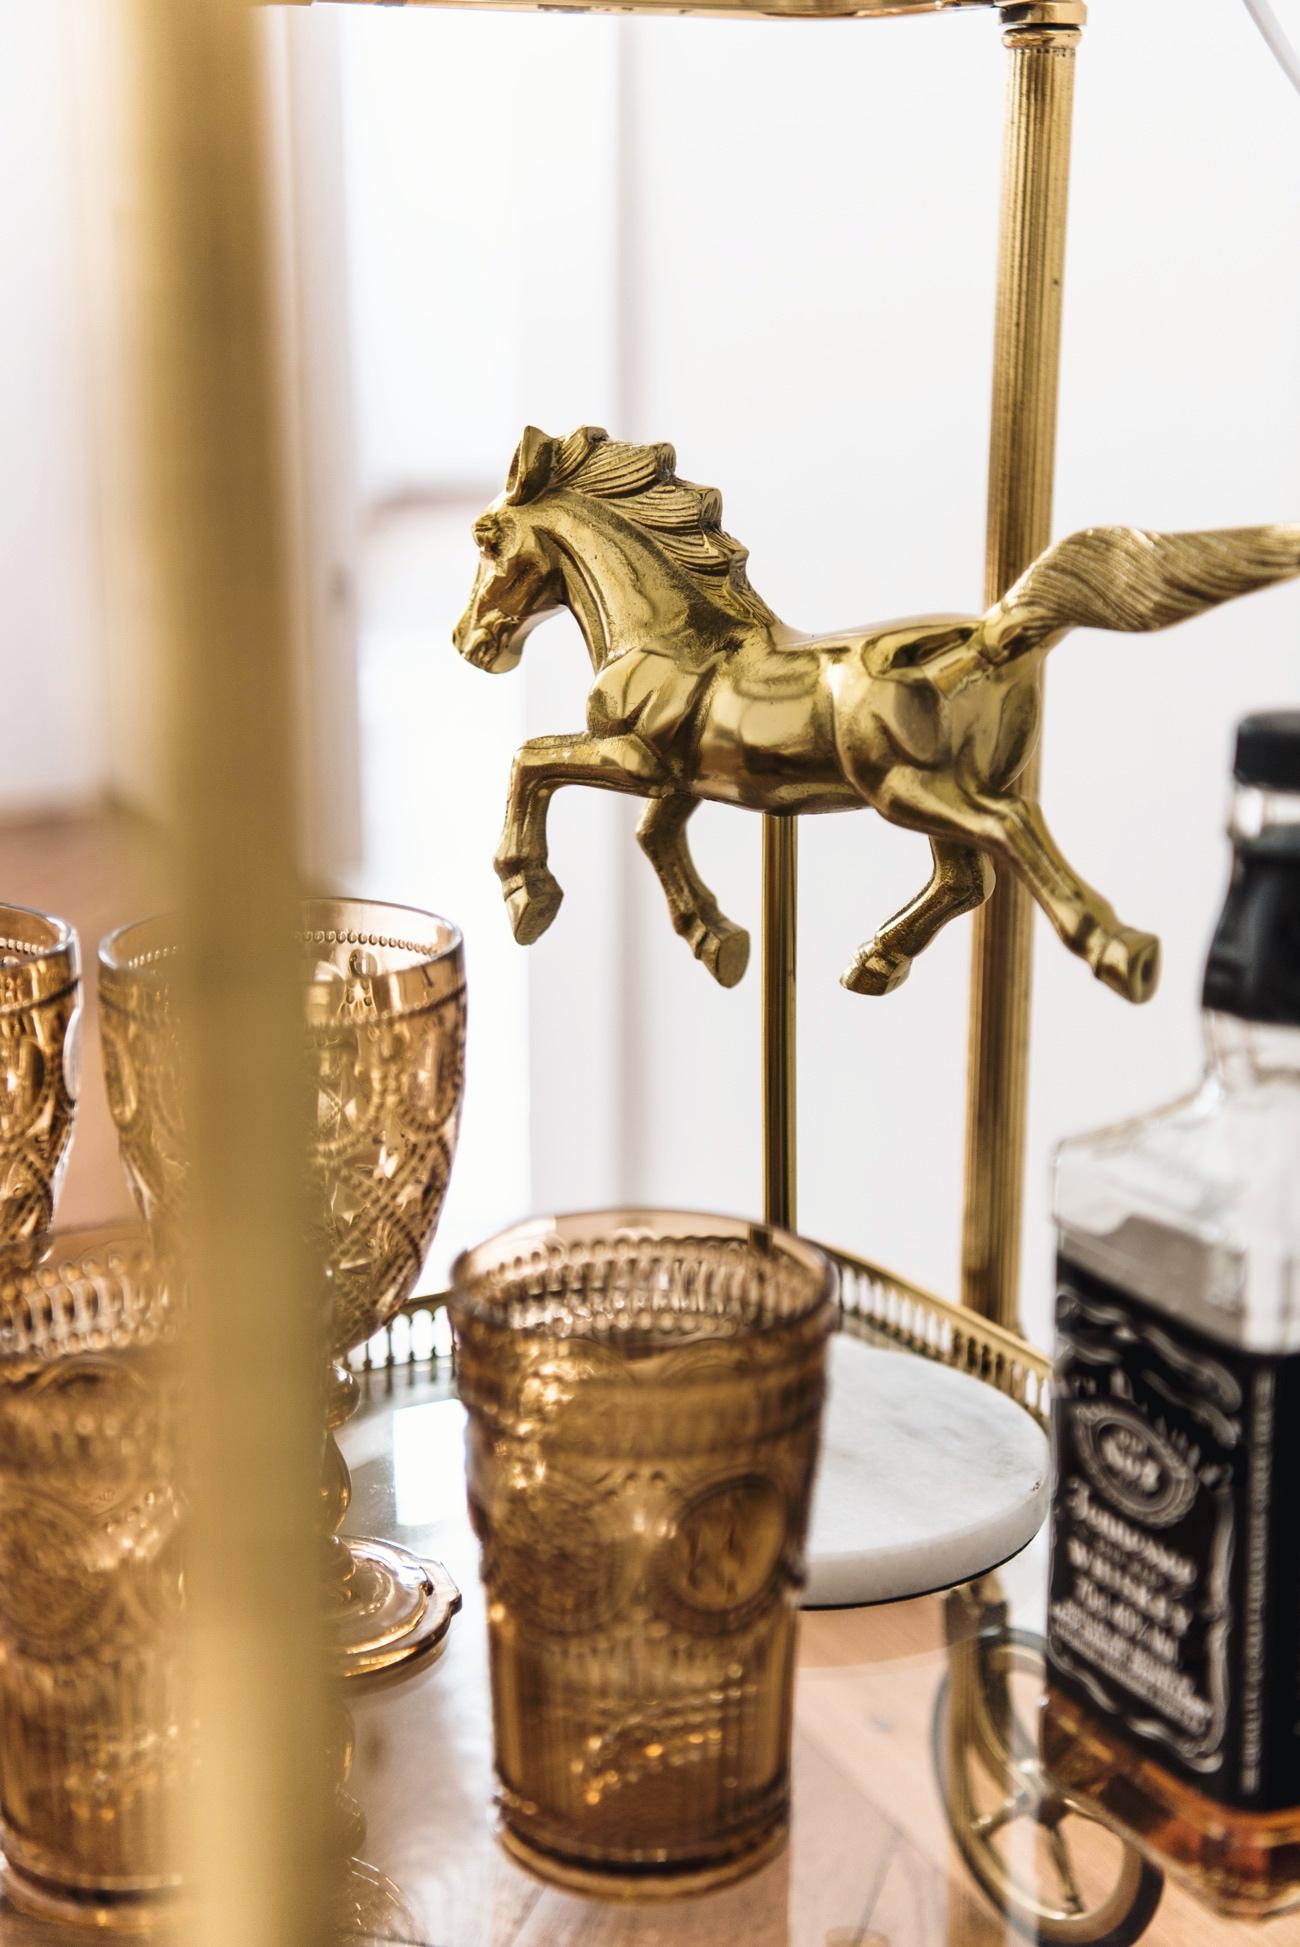 Servierwagen-gold-messing-antik-dekorieren-nina-fashiioncarpet-wohnungseinrichtung